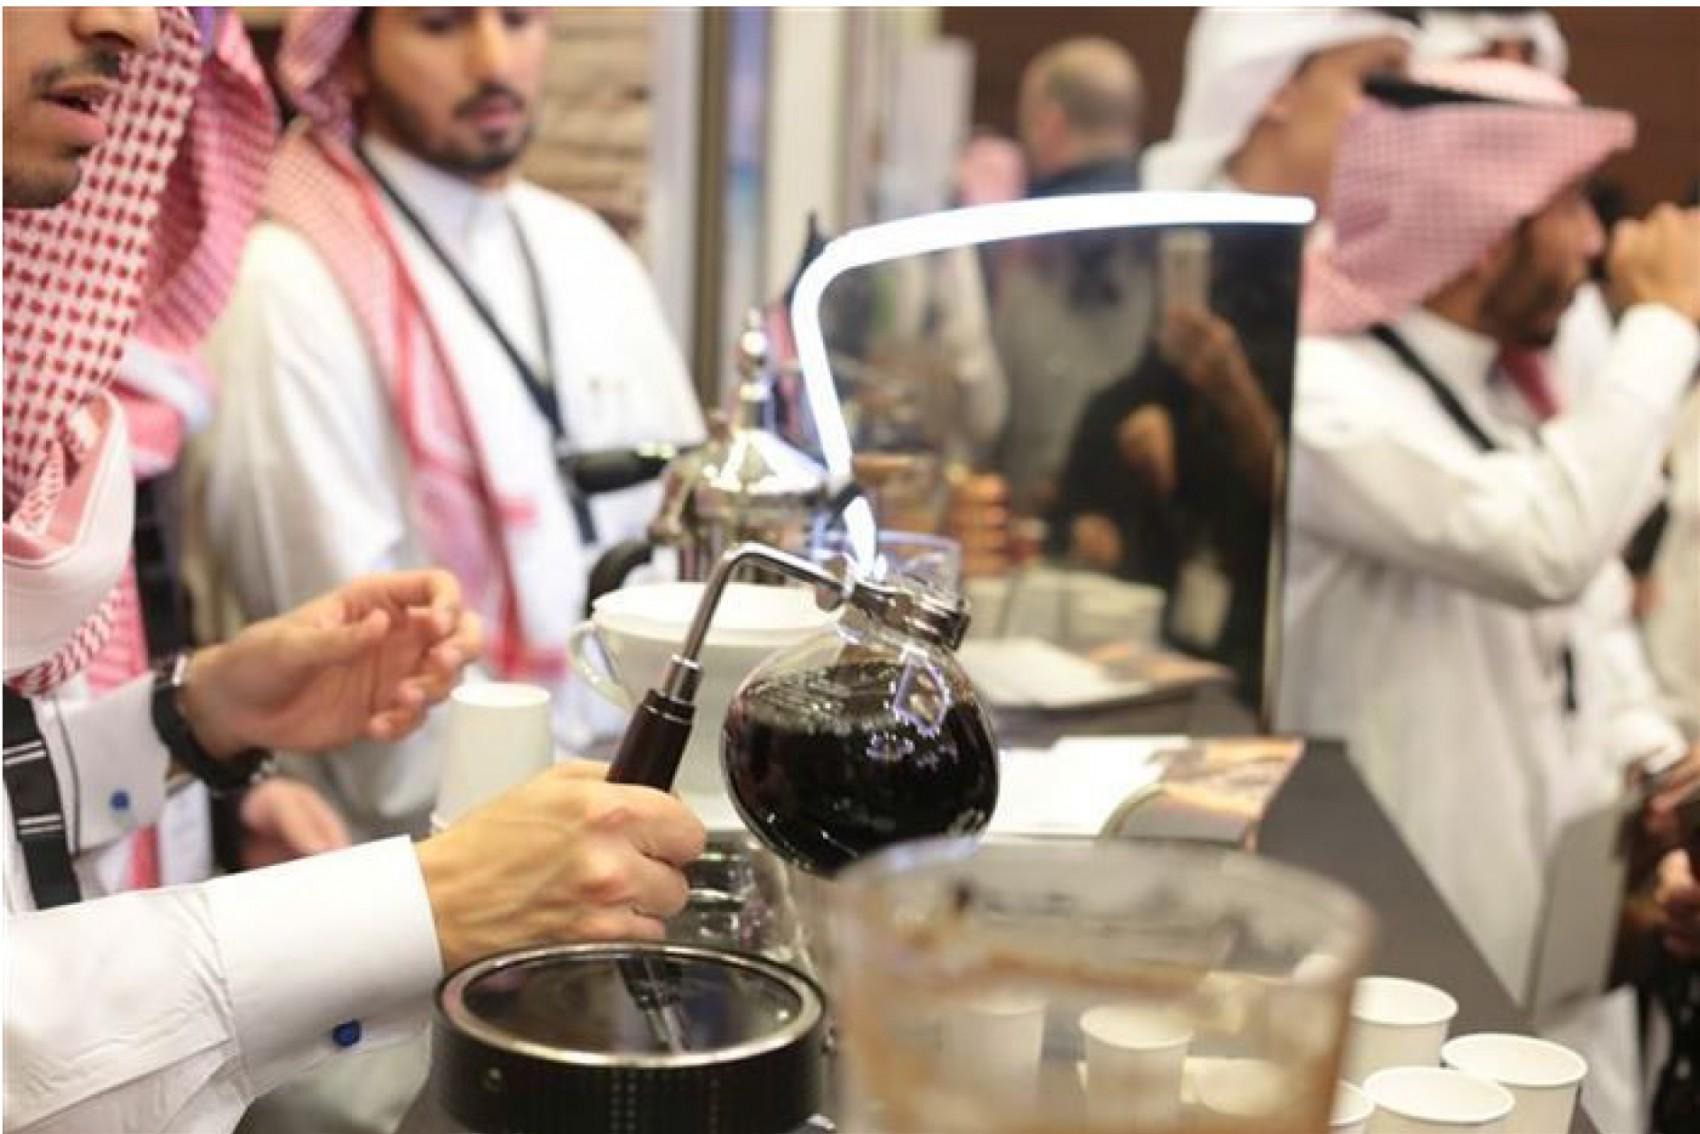 cafe de especialidad preparado en un metodo sifon